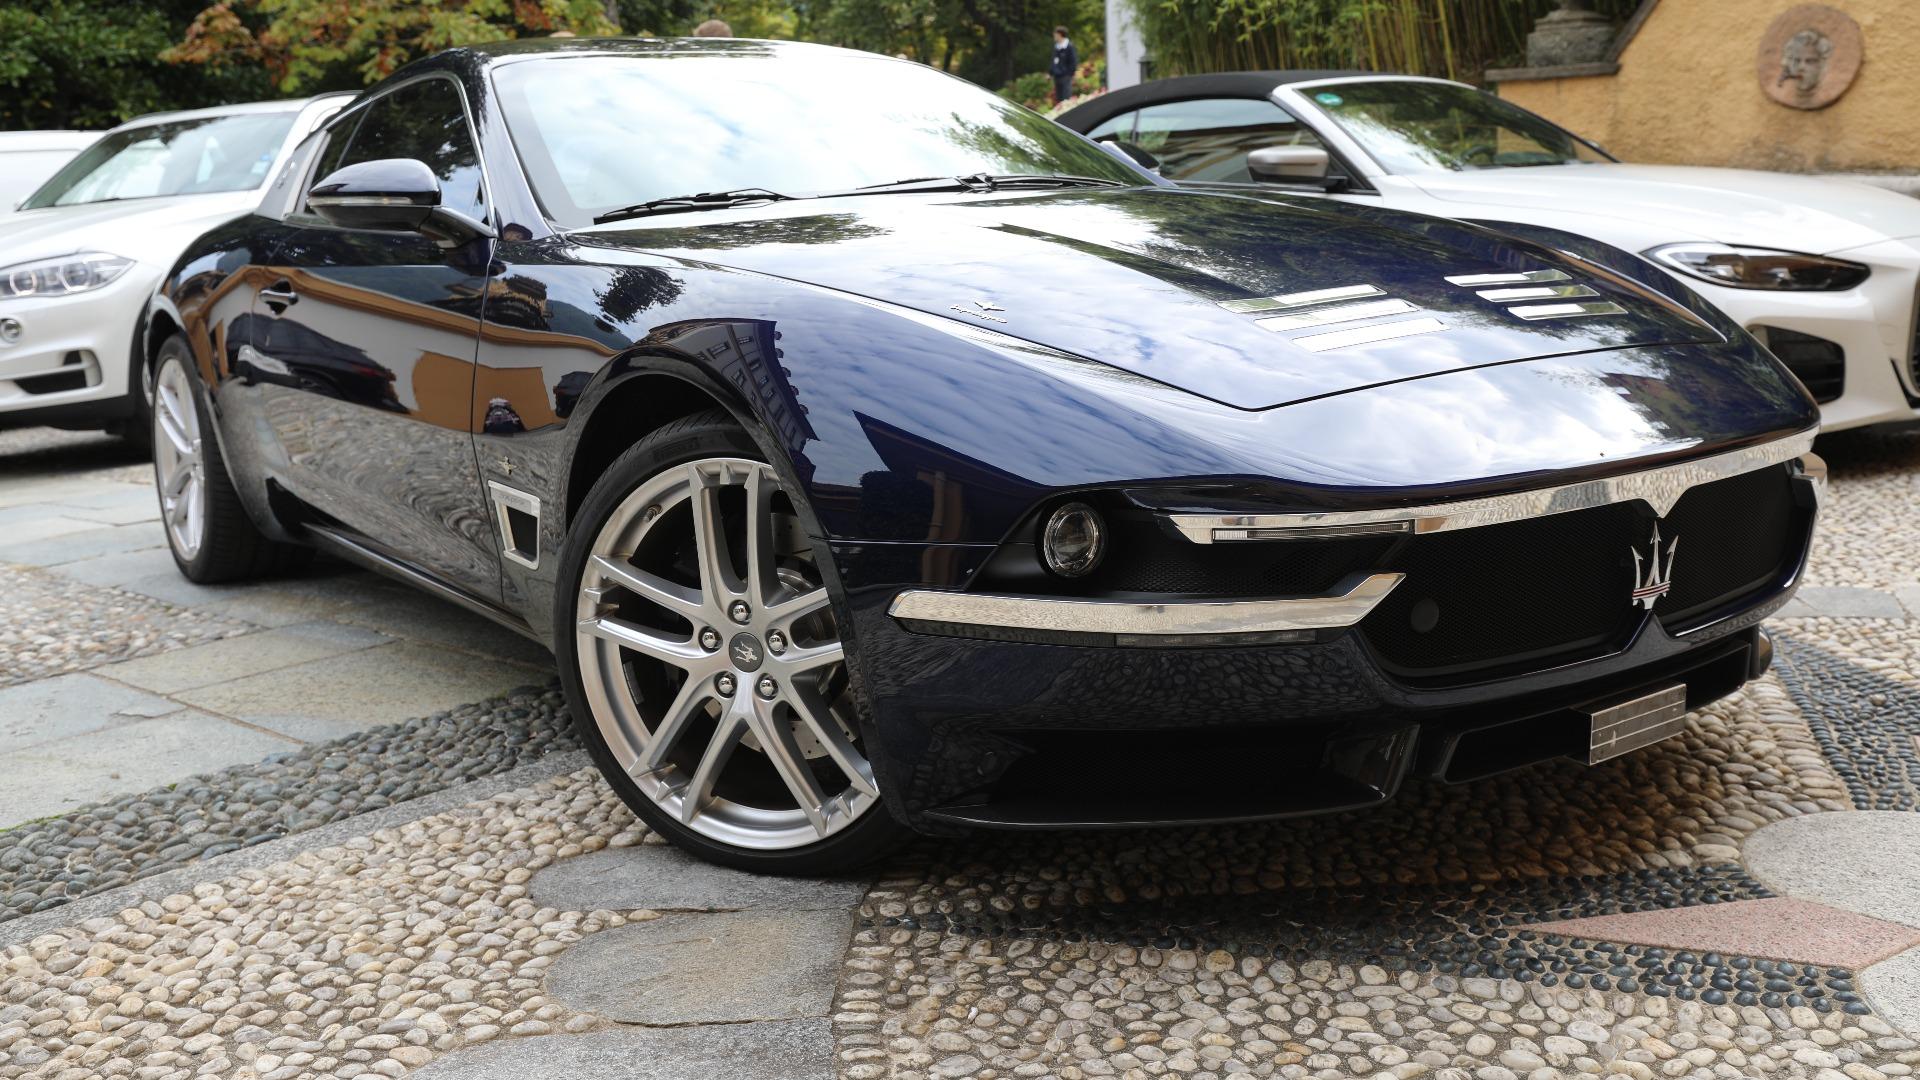 Rundt omkring finner man mange enestående biler som ikke er på selve utstillingen. På lørdag så jeg en Maserati Shamal på henger langs veien, noen folk som drev og fikset på en Lancia 037, og her en aldeles nydelig 2018 Maserati Sciadipersia, som var en one-off laget av Touring Superleggera.